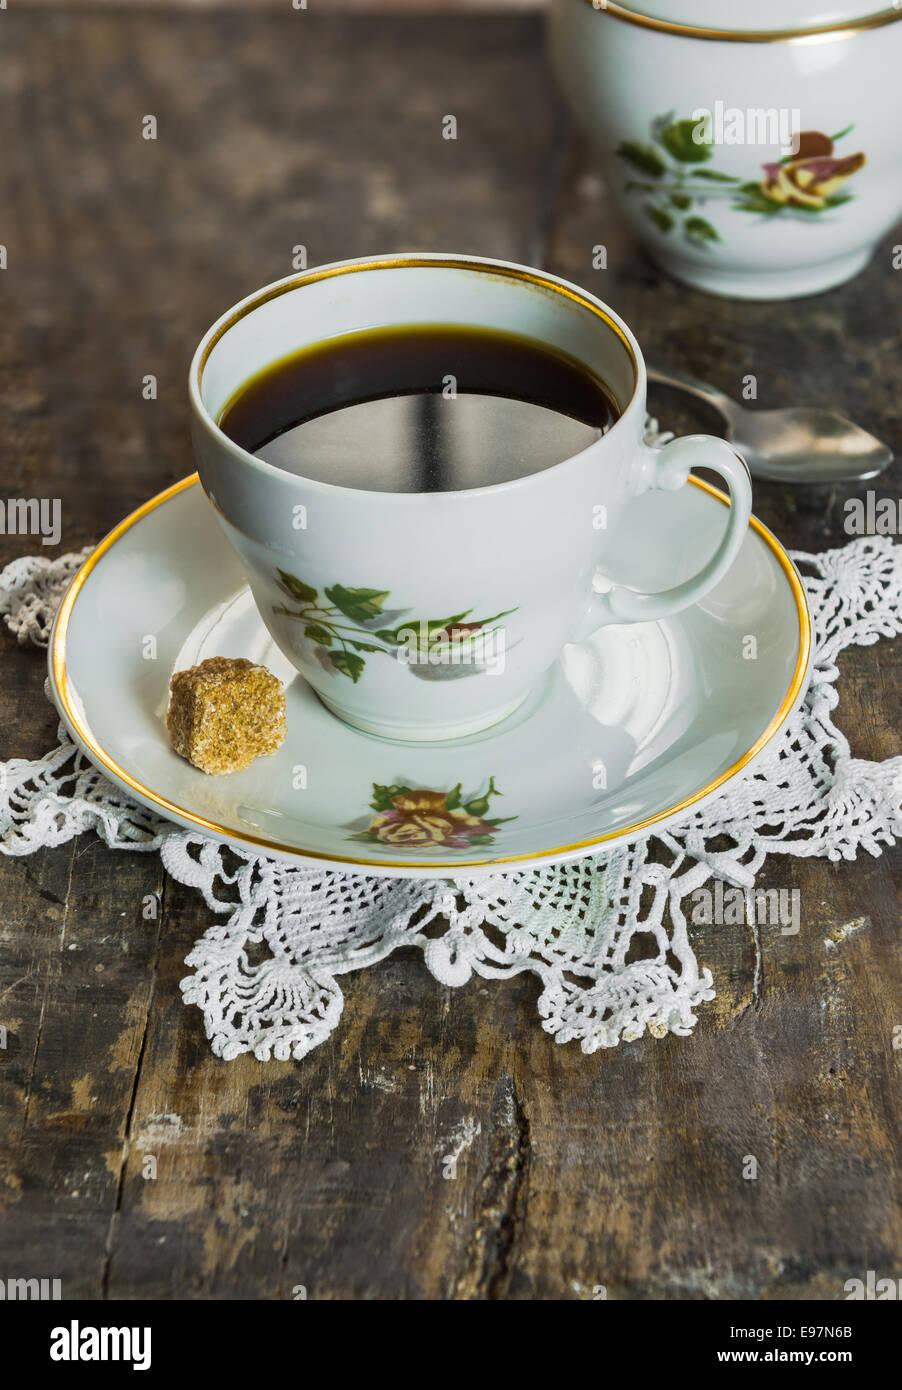 Una tazza di caffè su di un tavolo di legno Immagini Stock